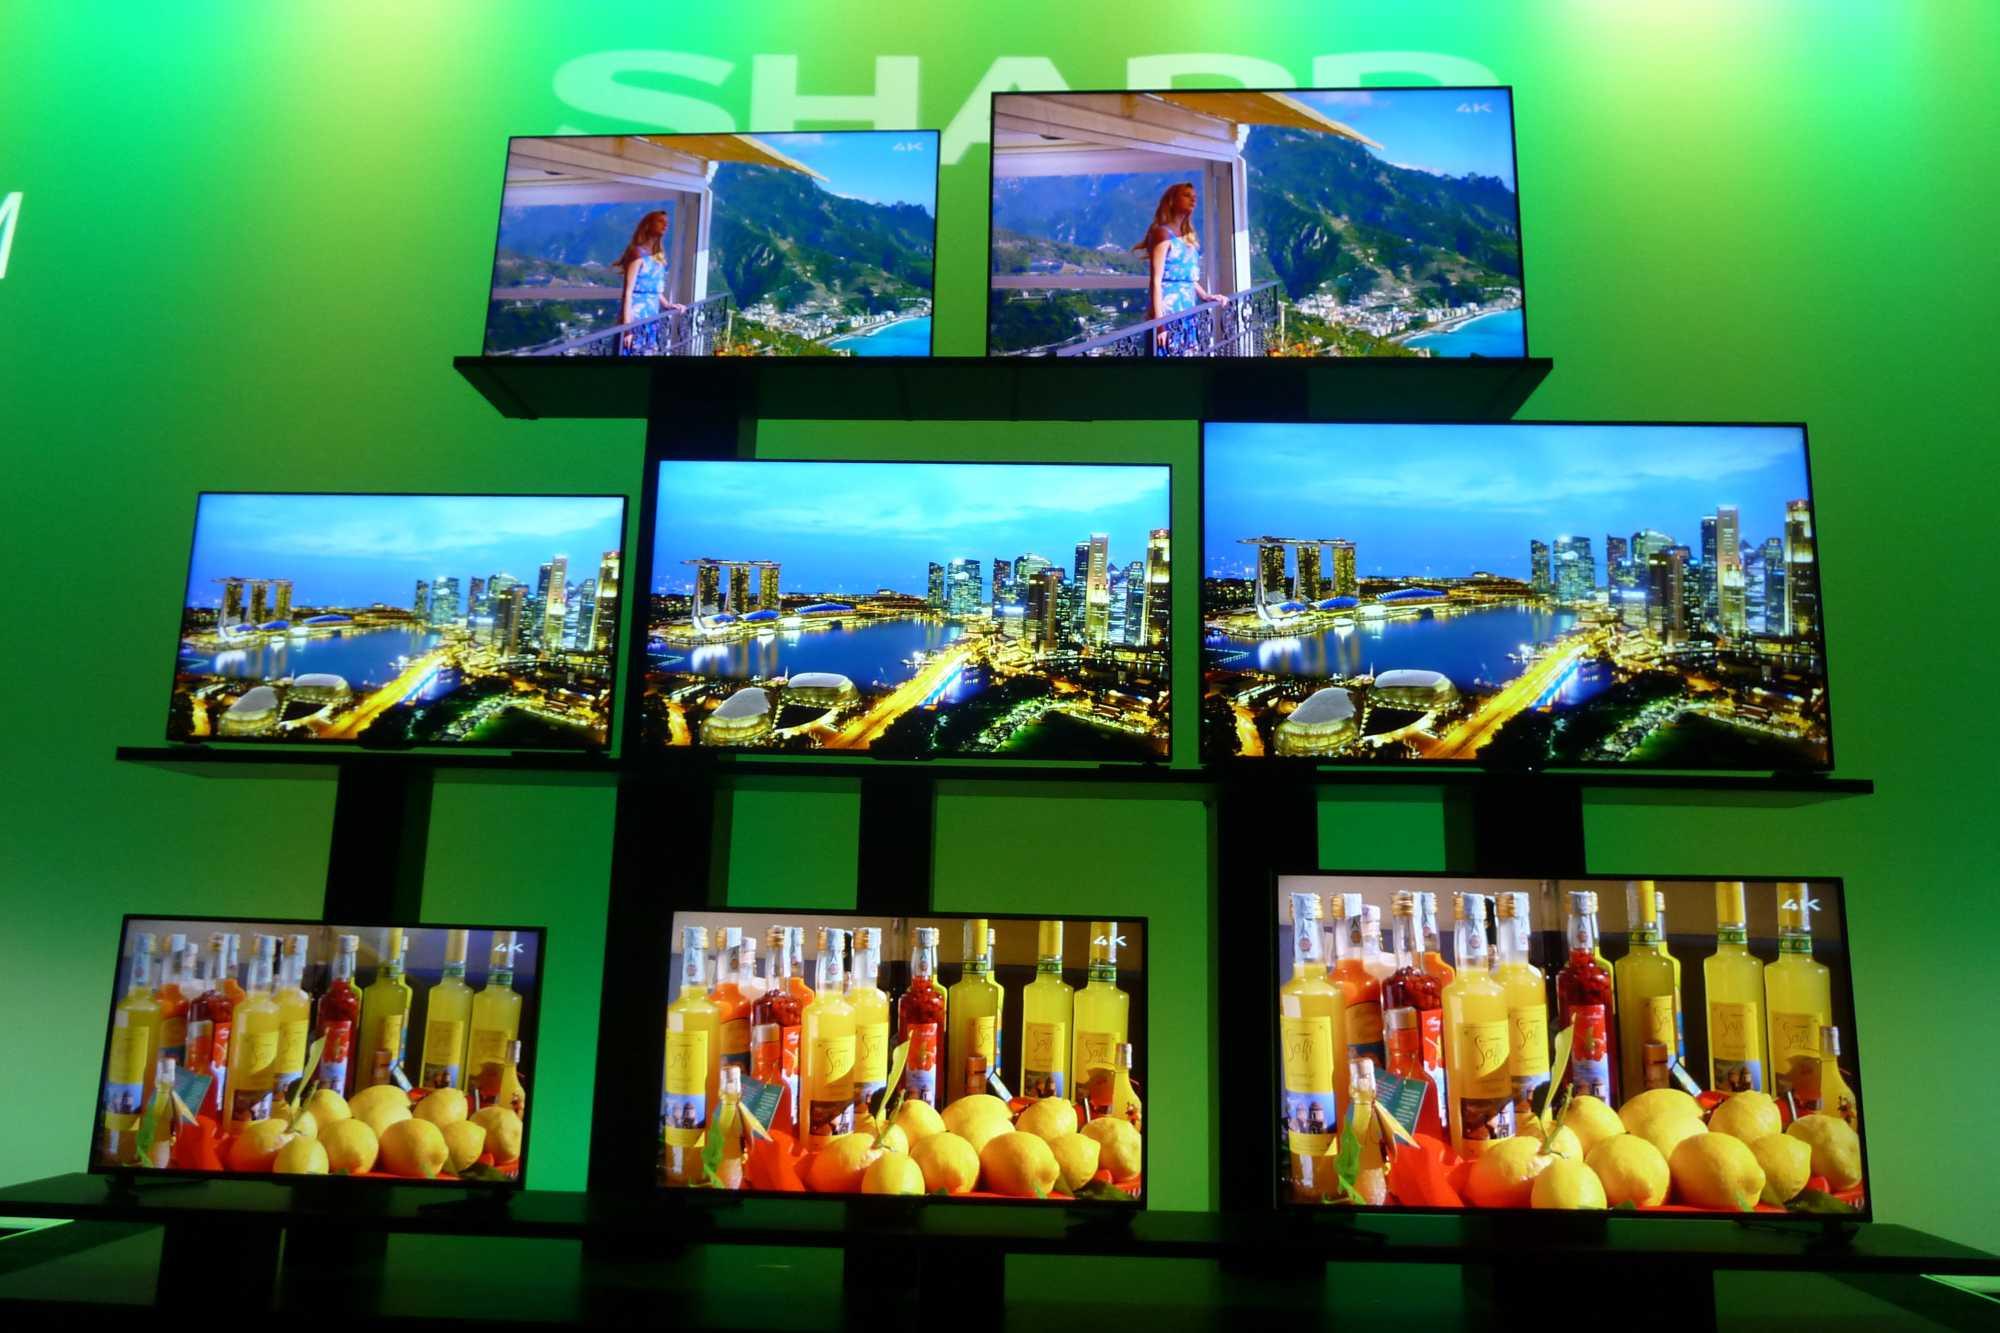 Sharp zeigt 4K-TVs mit Androis-OS sowie DIsplays mit Vierfarb-Quatron-Technik nebst Quantenpunkten.